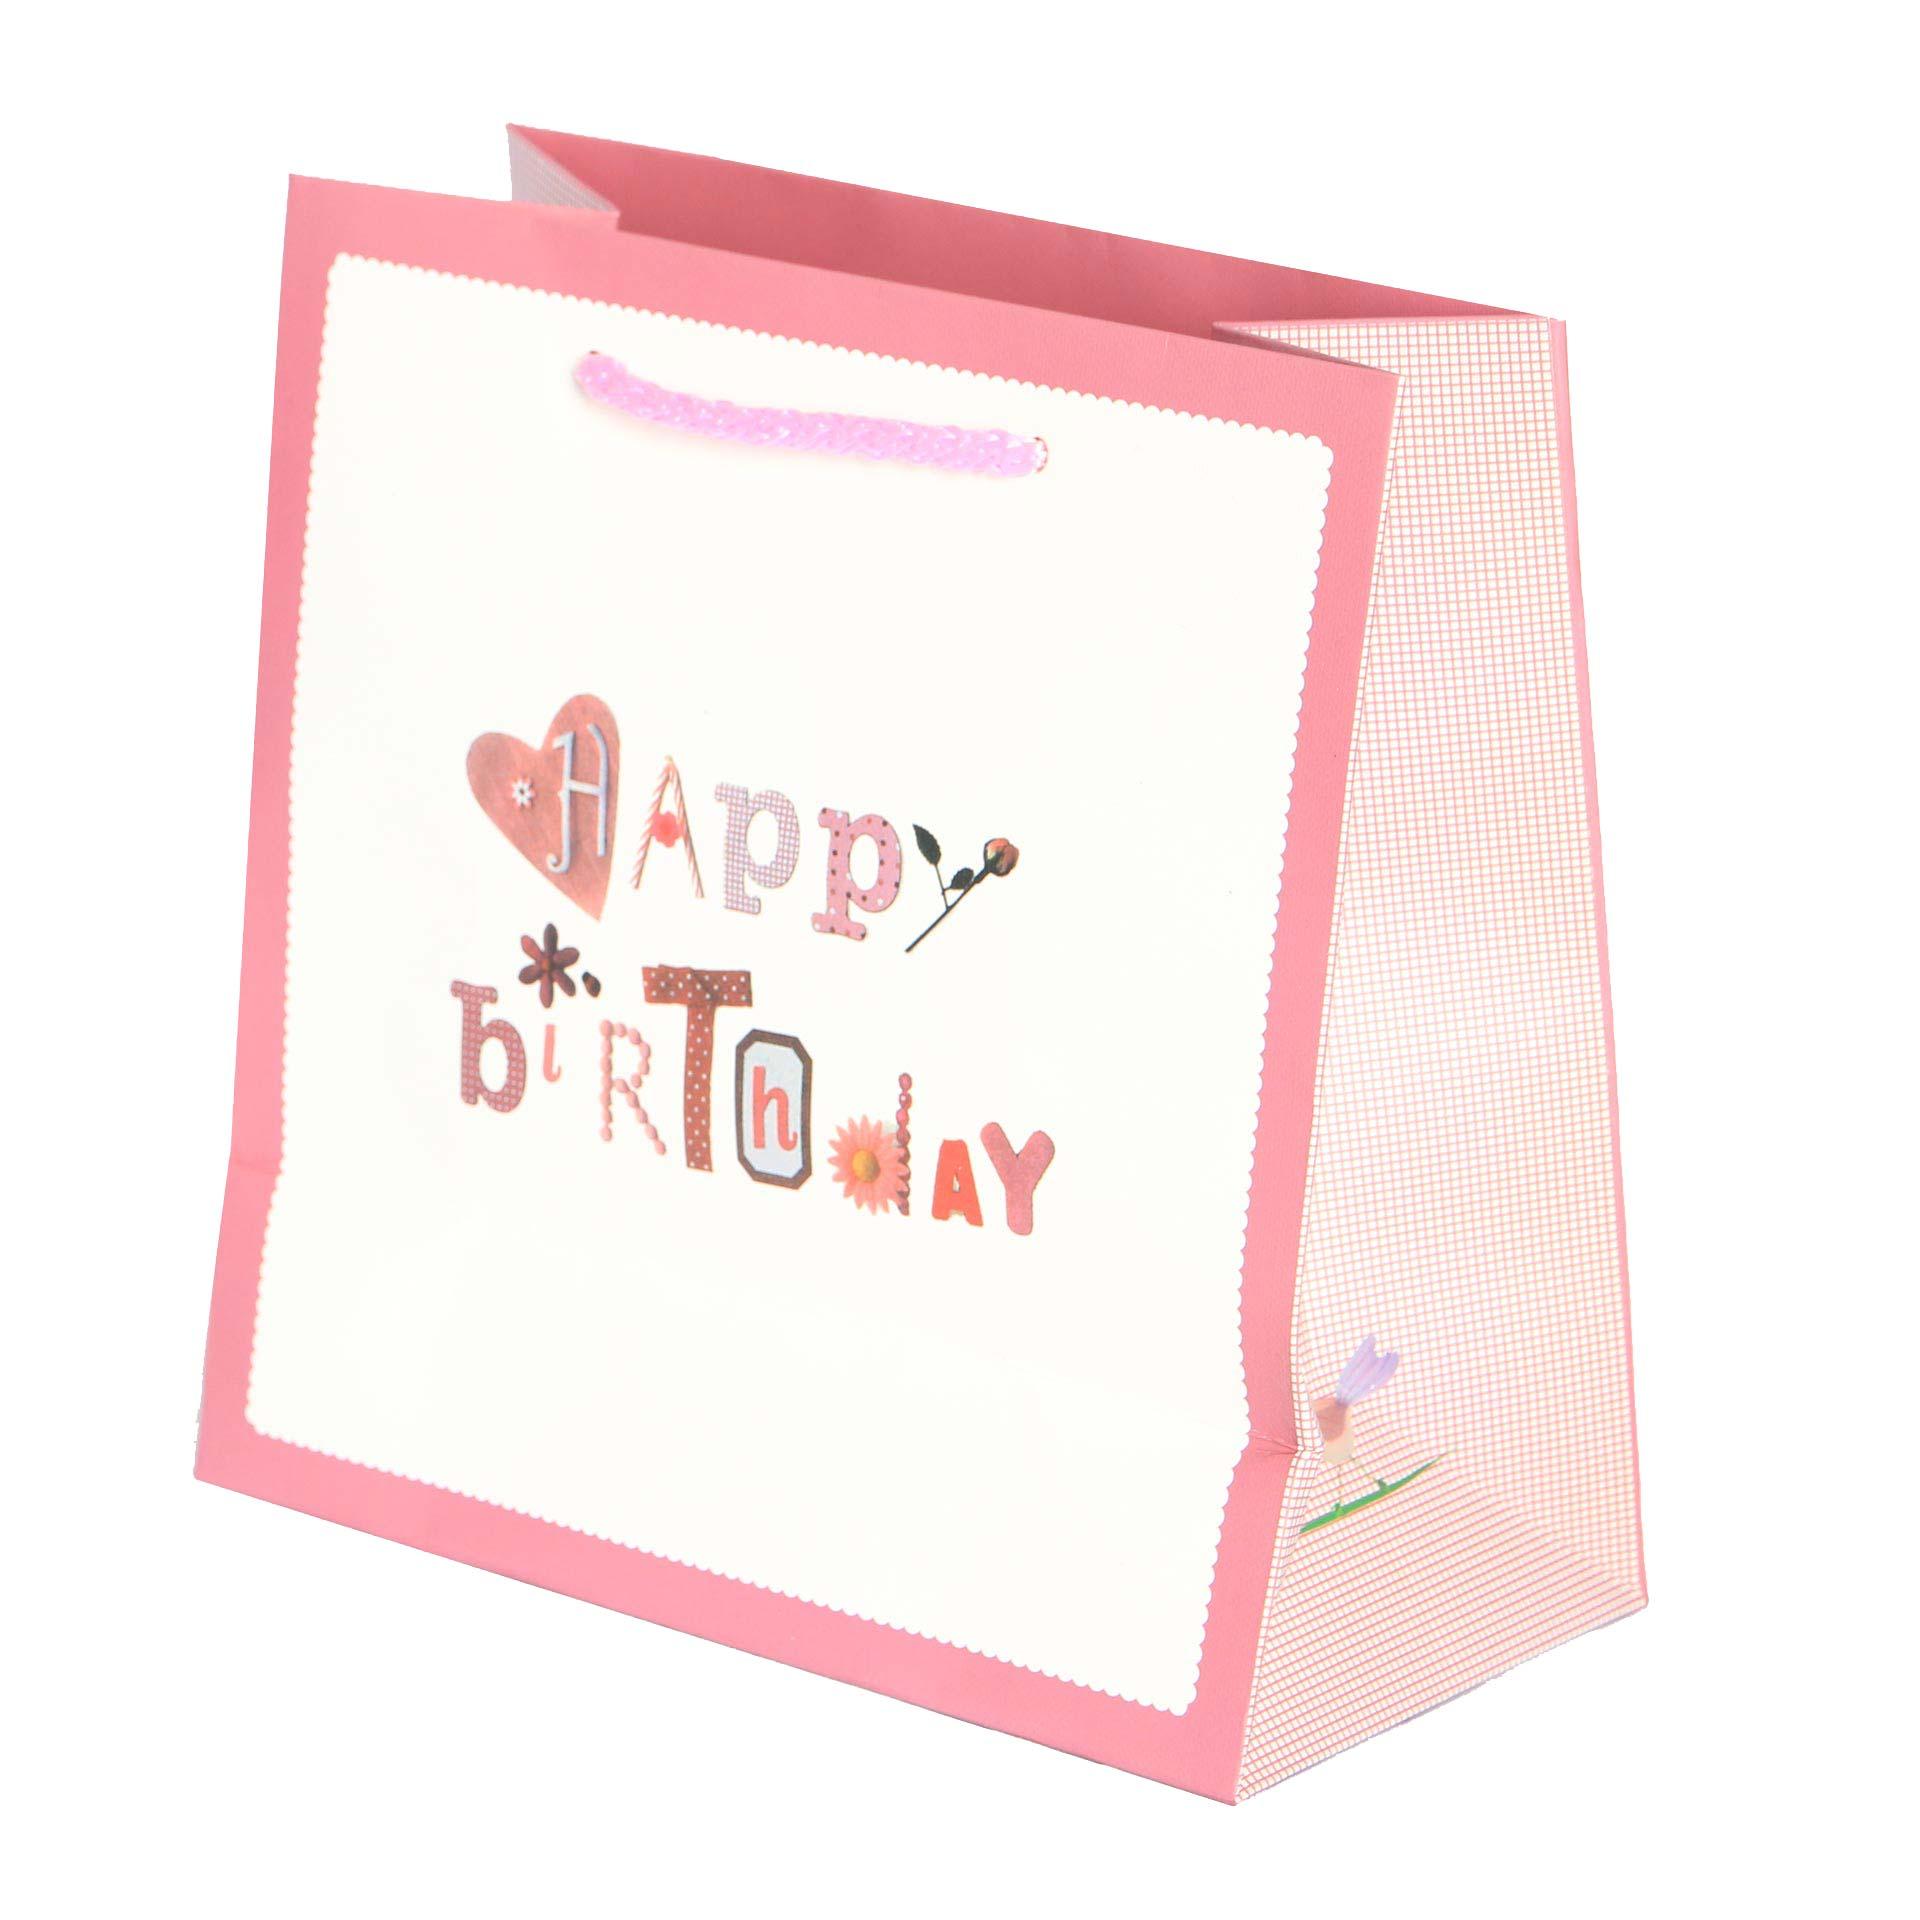 بگ تولدت مبارک